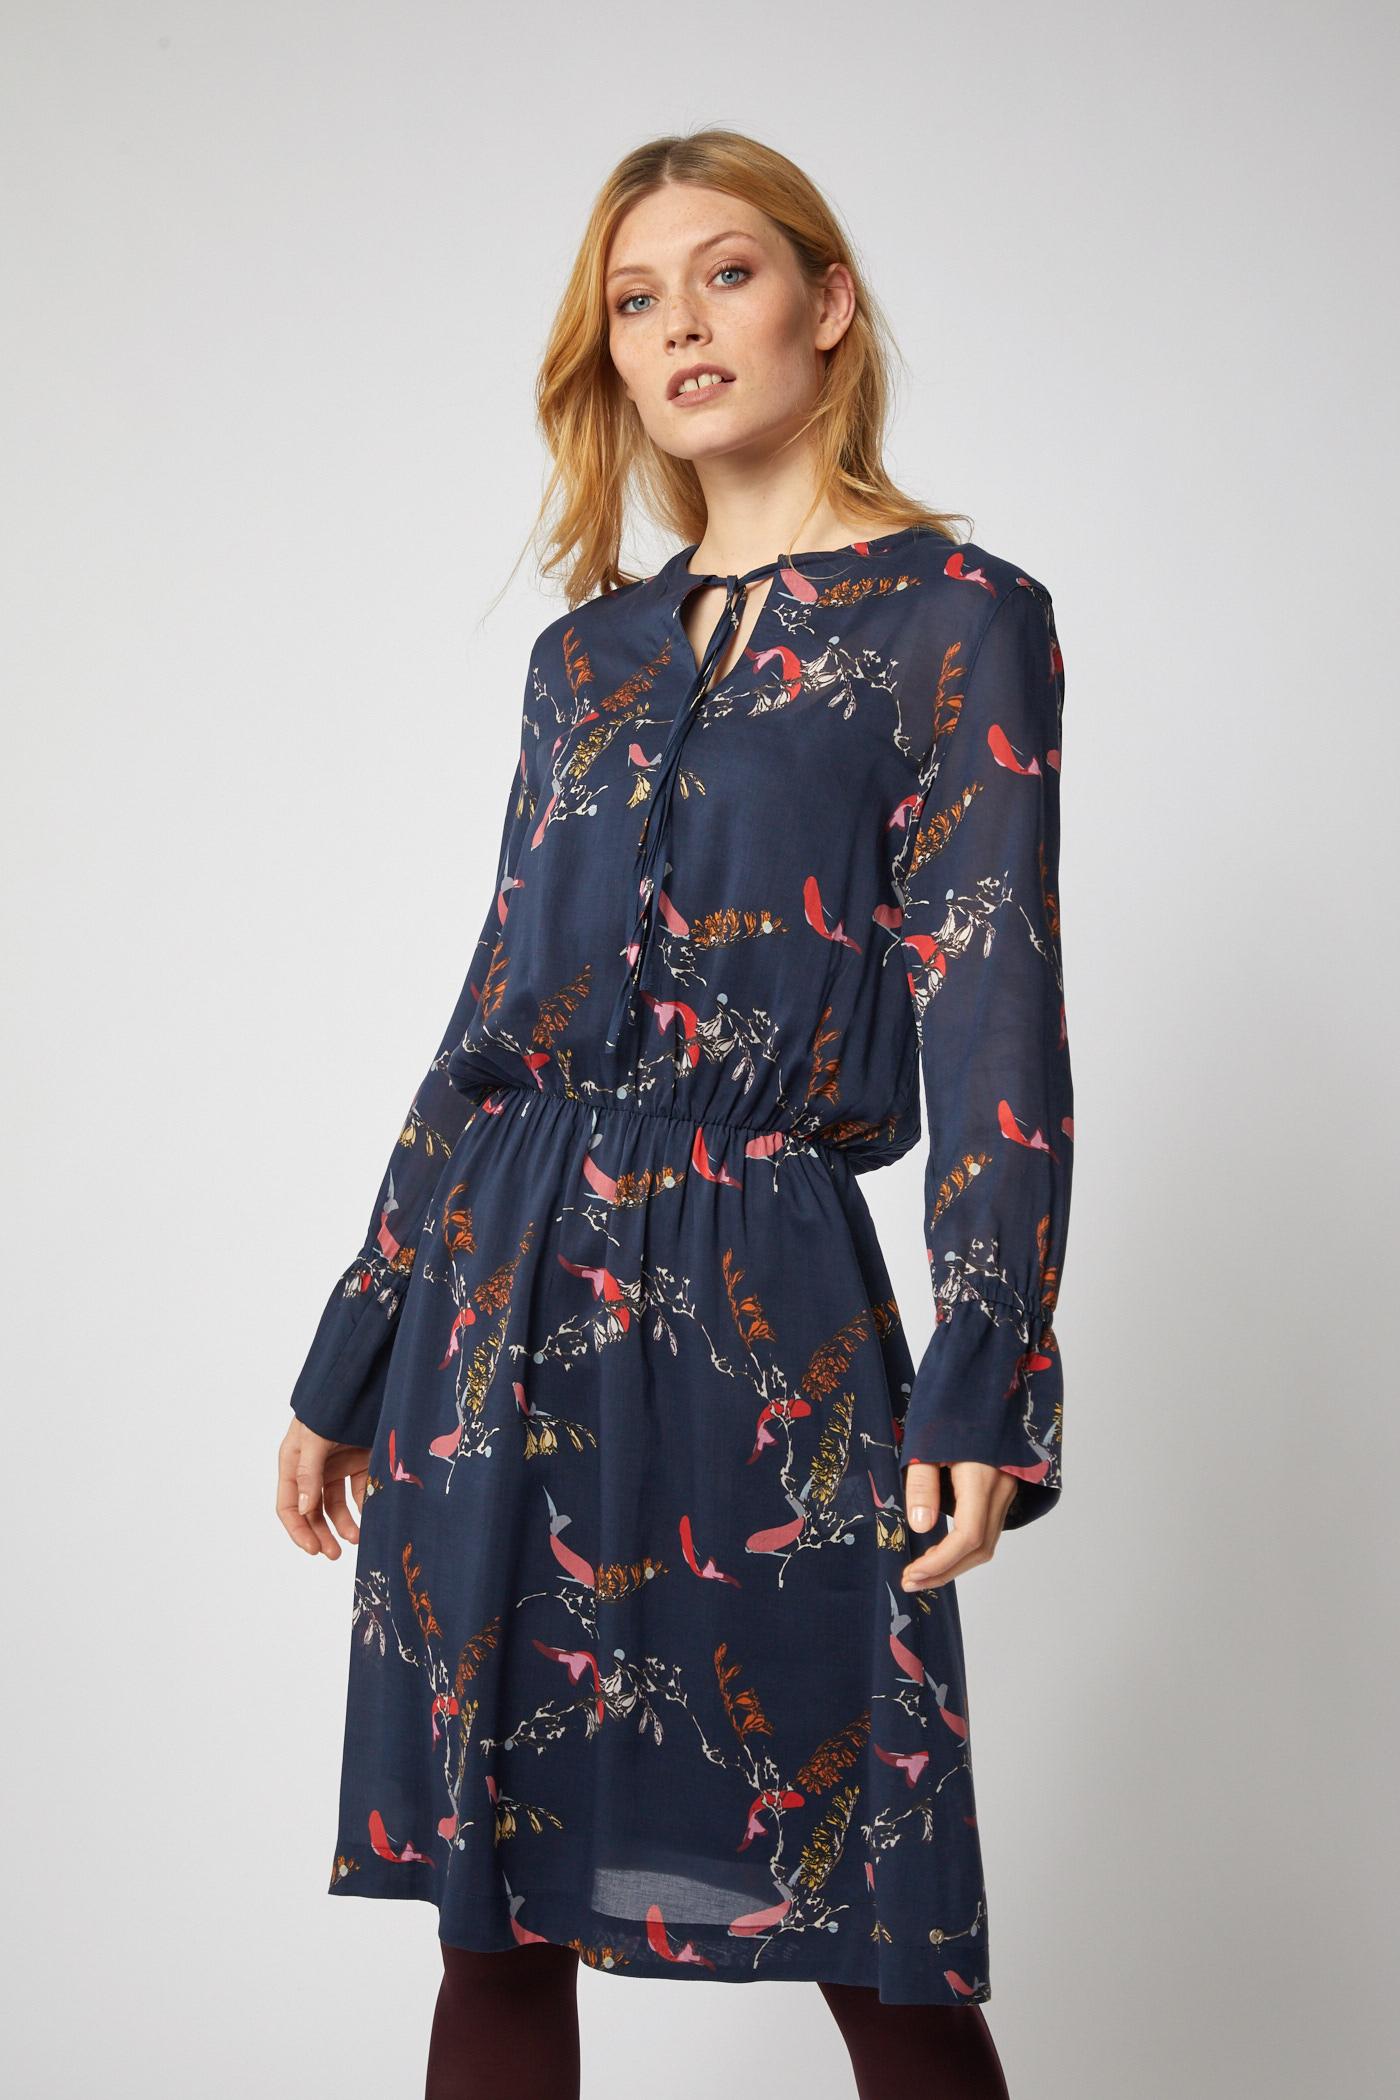 bccb8b4a4775 Lanius - Kleid mit Schnürung